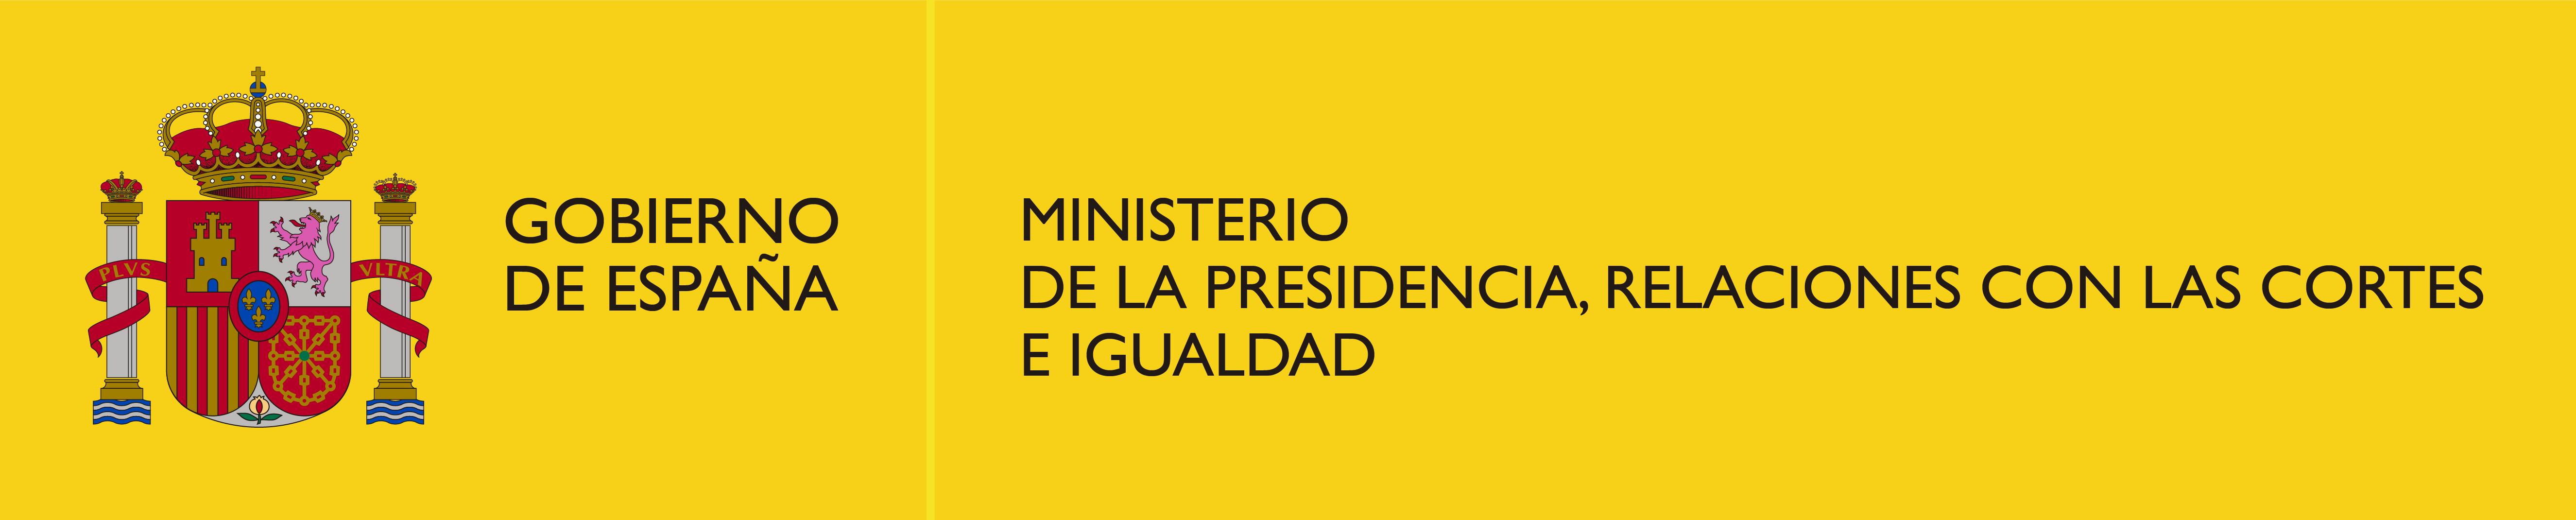 http://www.violenciagenero.igualdad.mpr.gob.es/pactoEstado/IMG/MPRCIGob.jpg